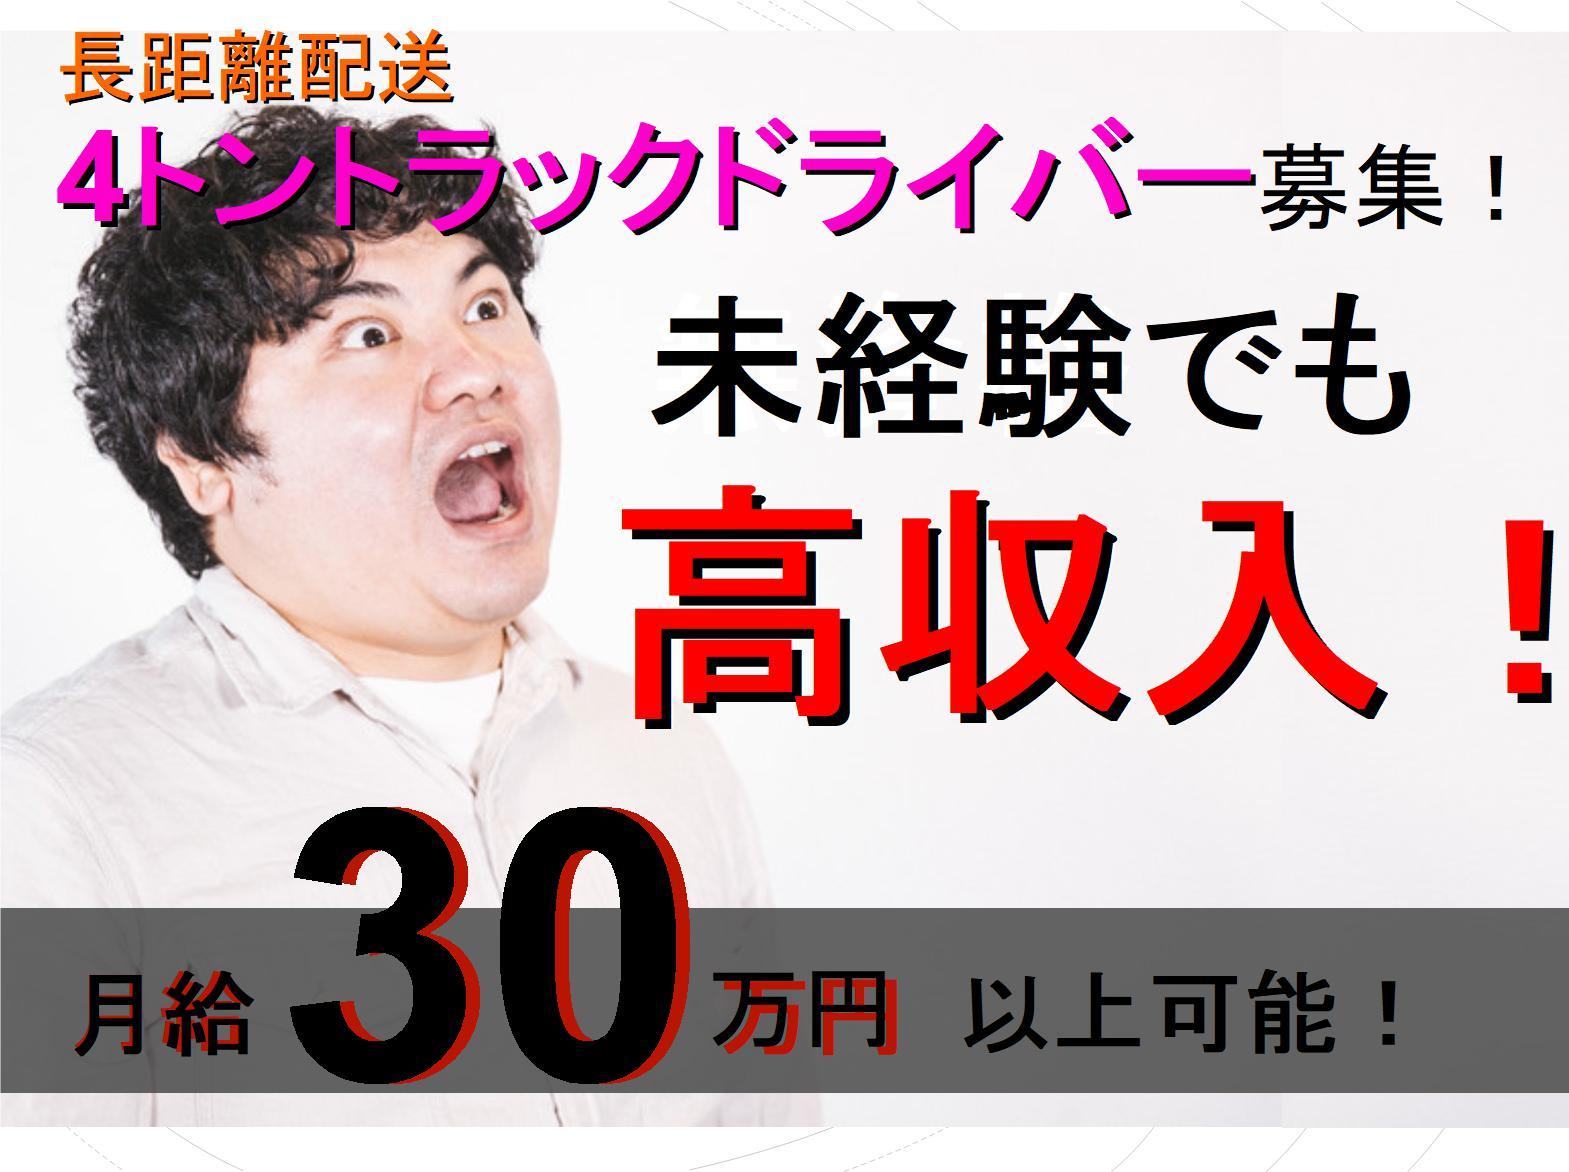 高収入!30万円以上可能!お昼からの勤務で朝が弱くても安心!4トントラックドライバー イメージ